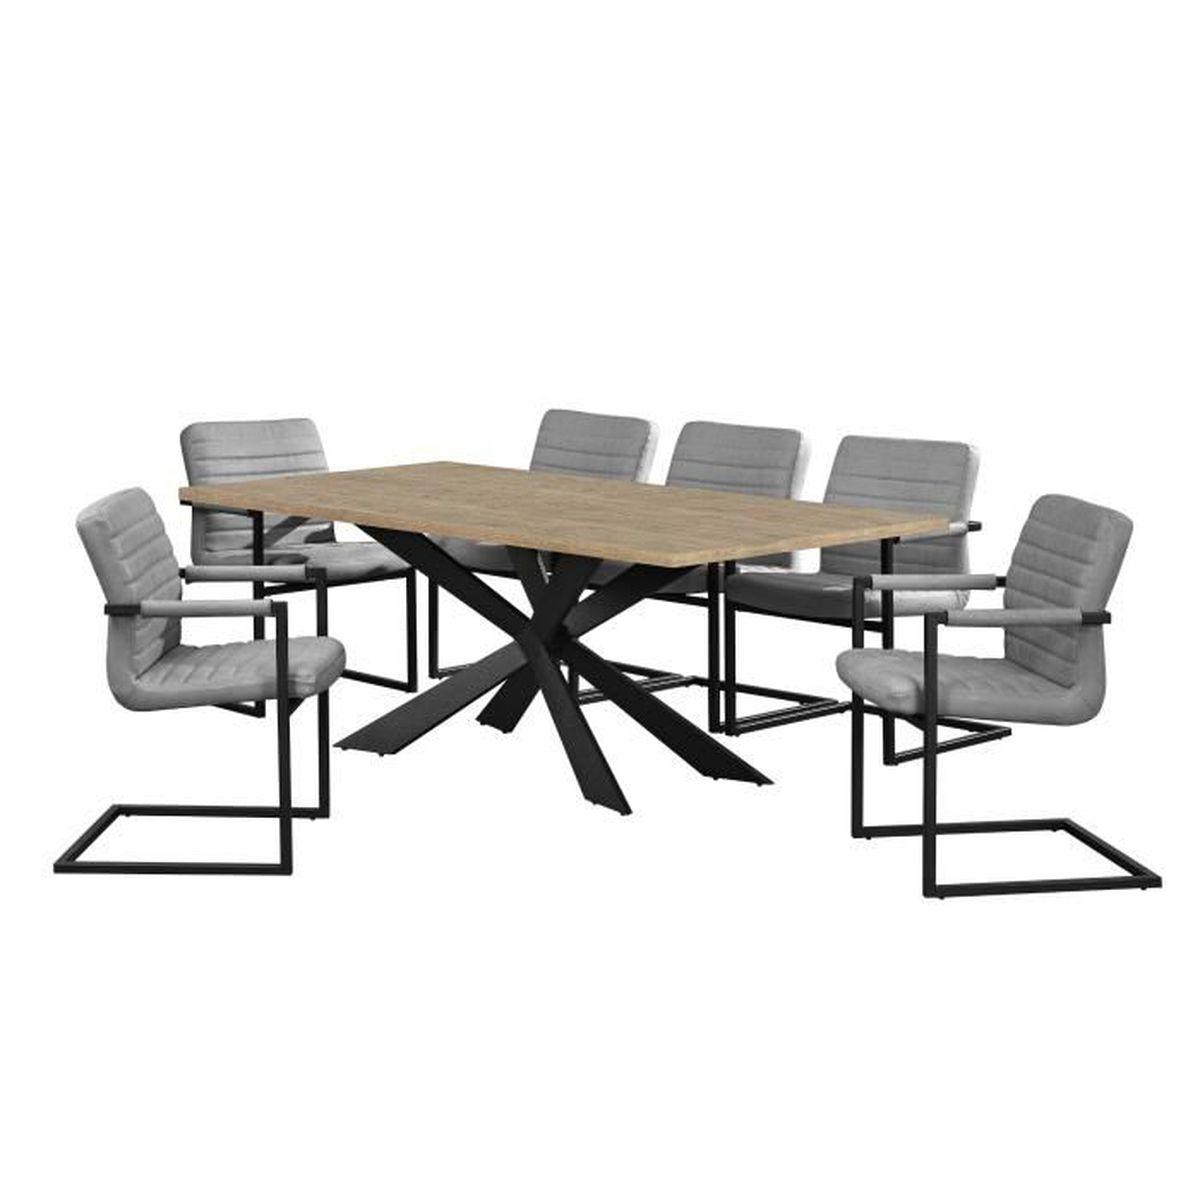 Table ch ne naturel avec 6 chaises cantilever for Table avec 6 chaises